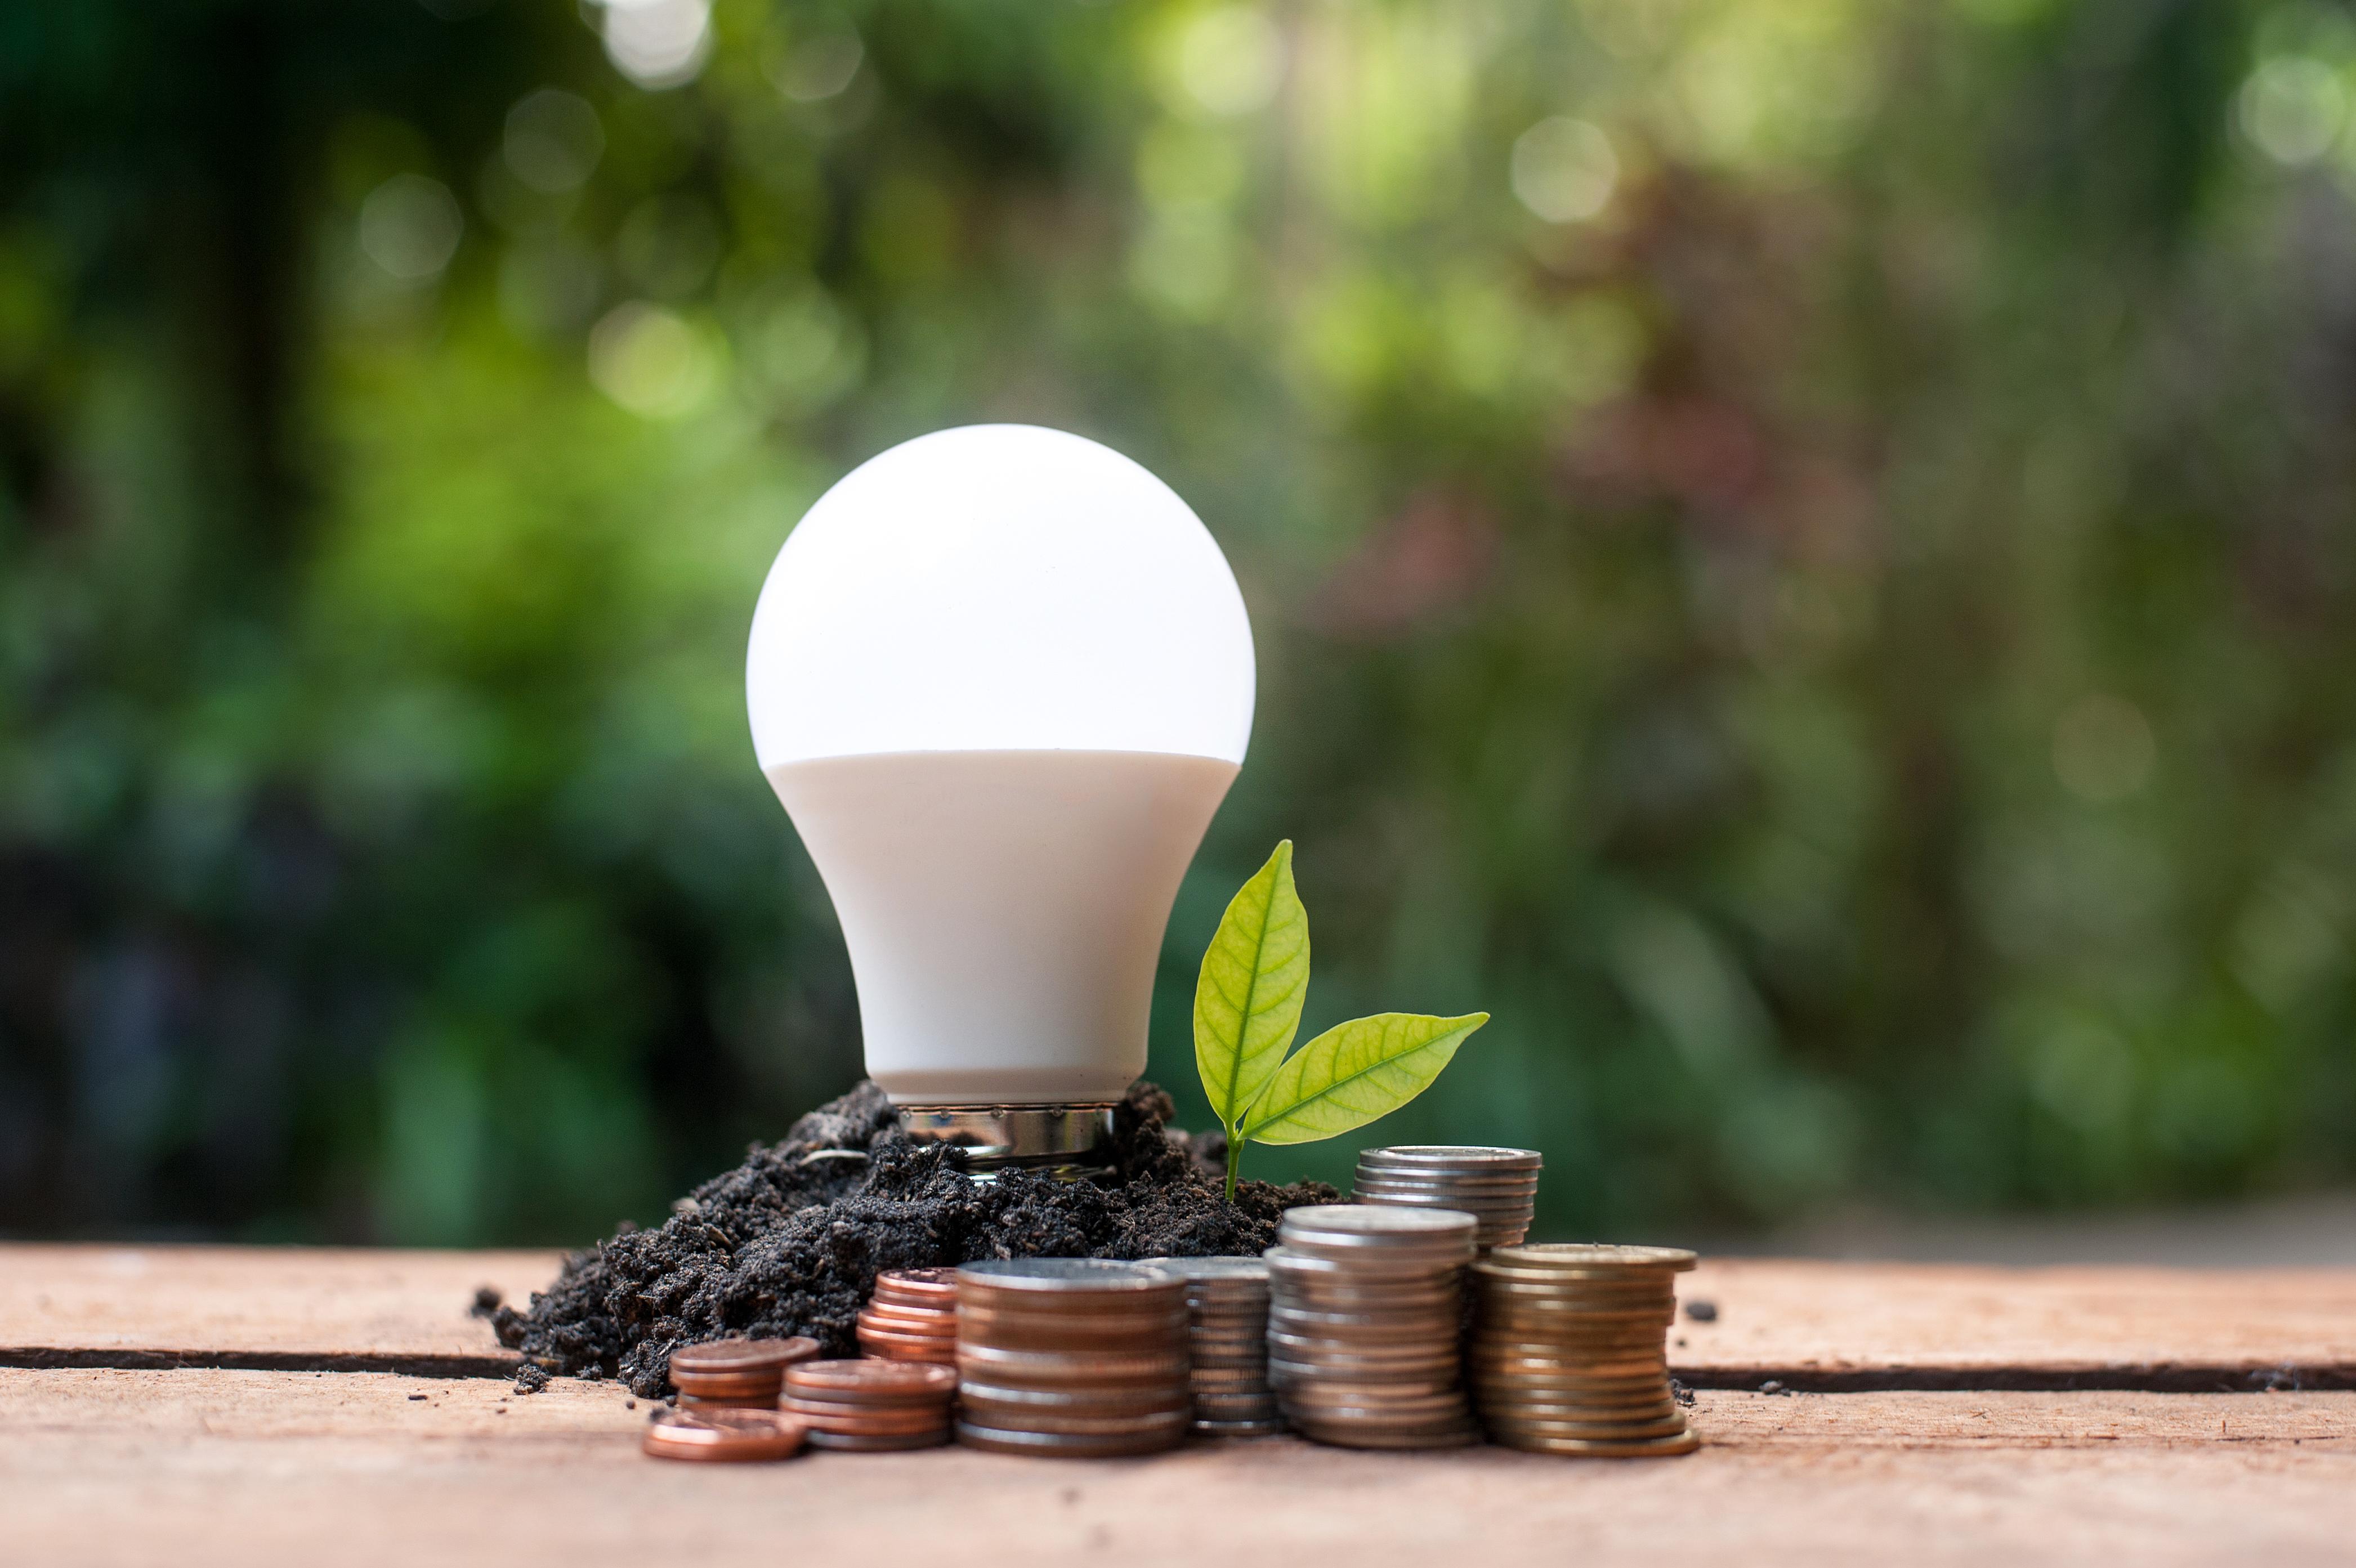 Come risparmiare energia elettrica: 5 regole per un risparmio a prova di ambiente (e di portafogli!)